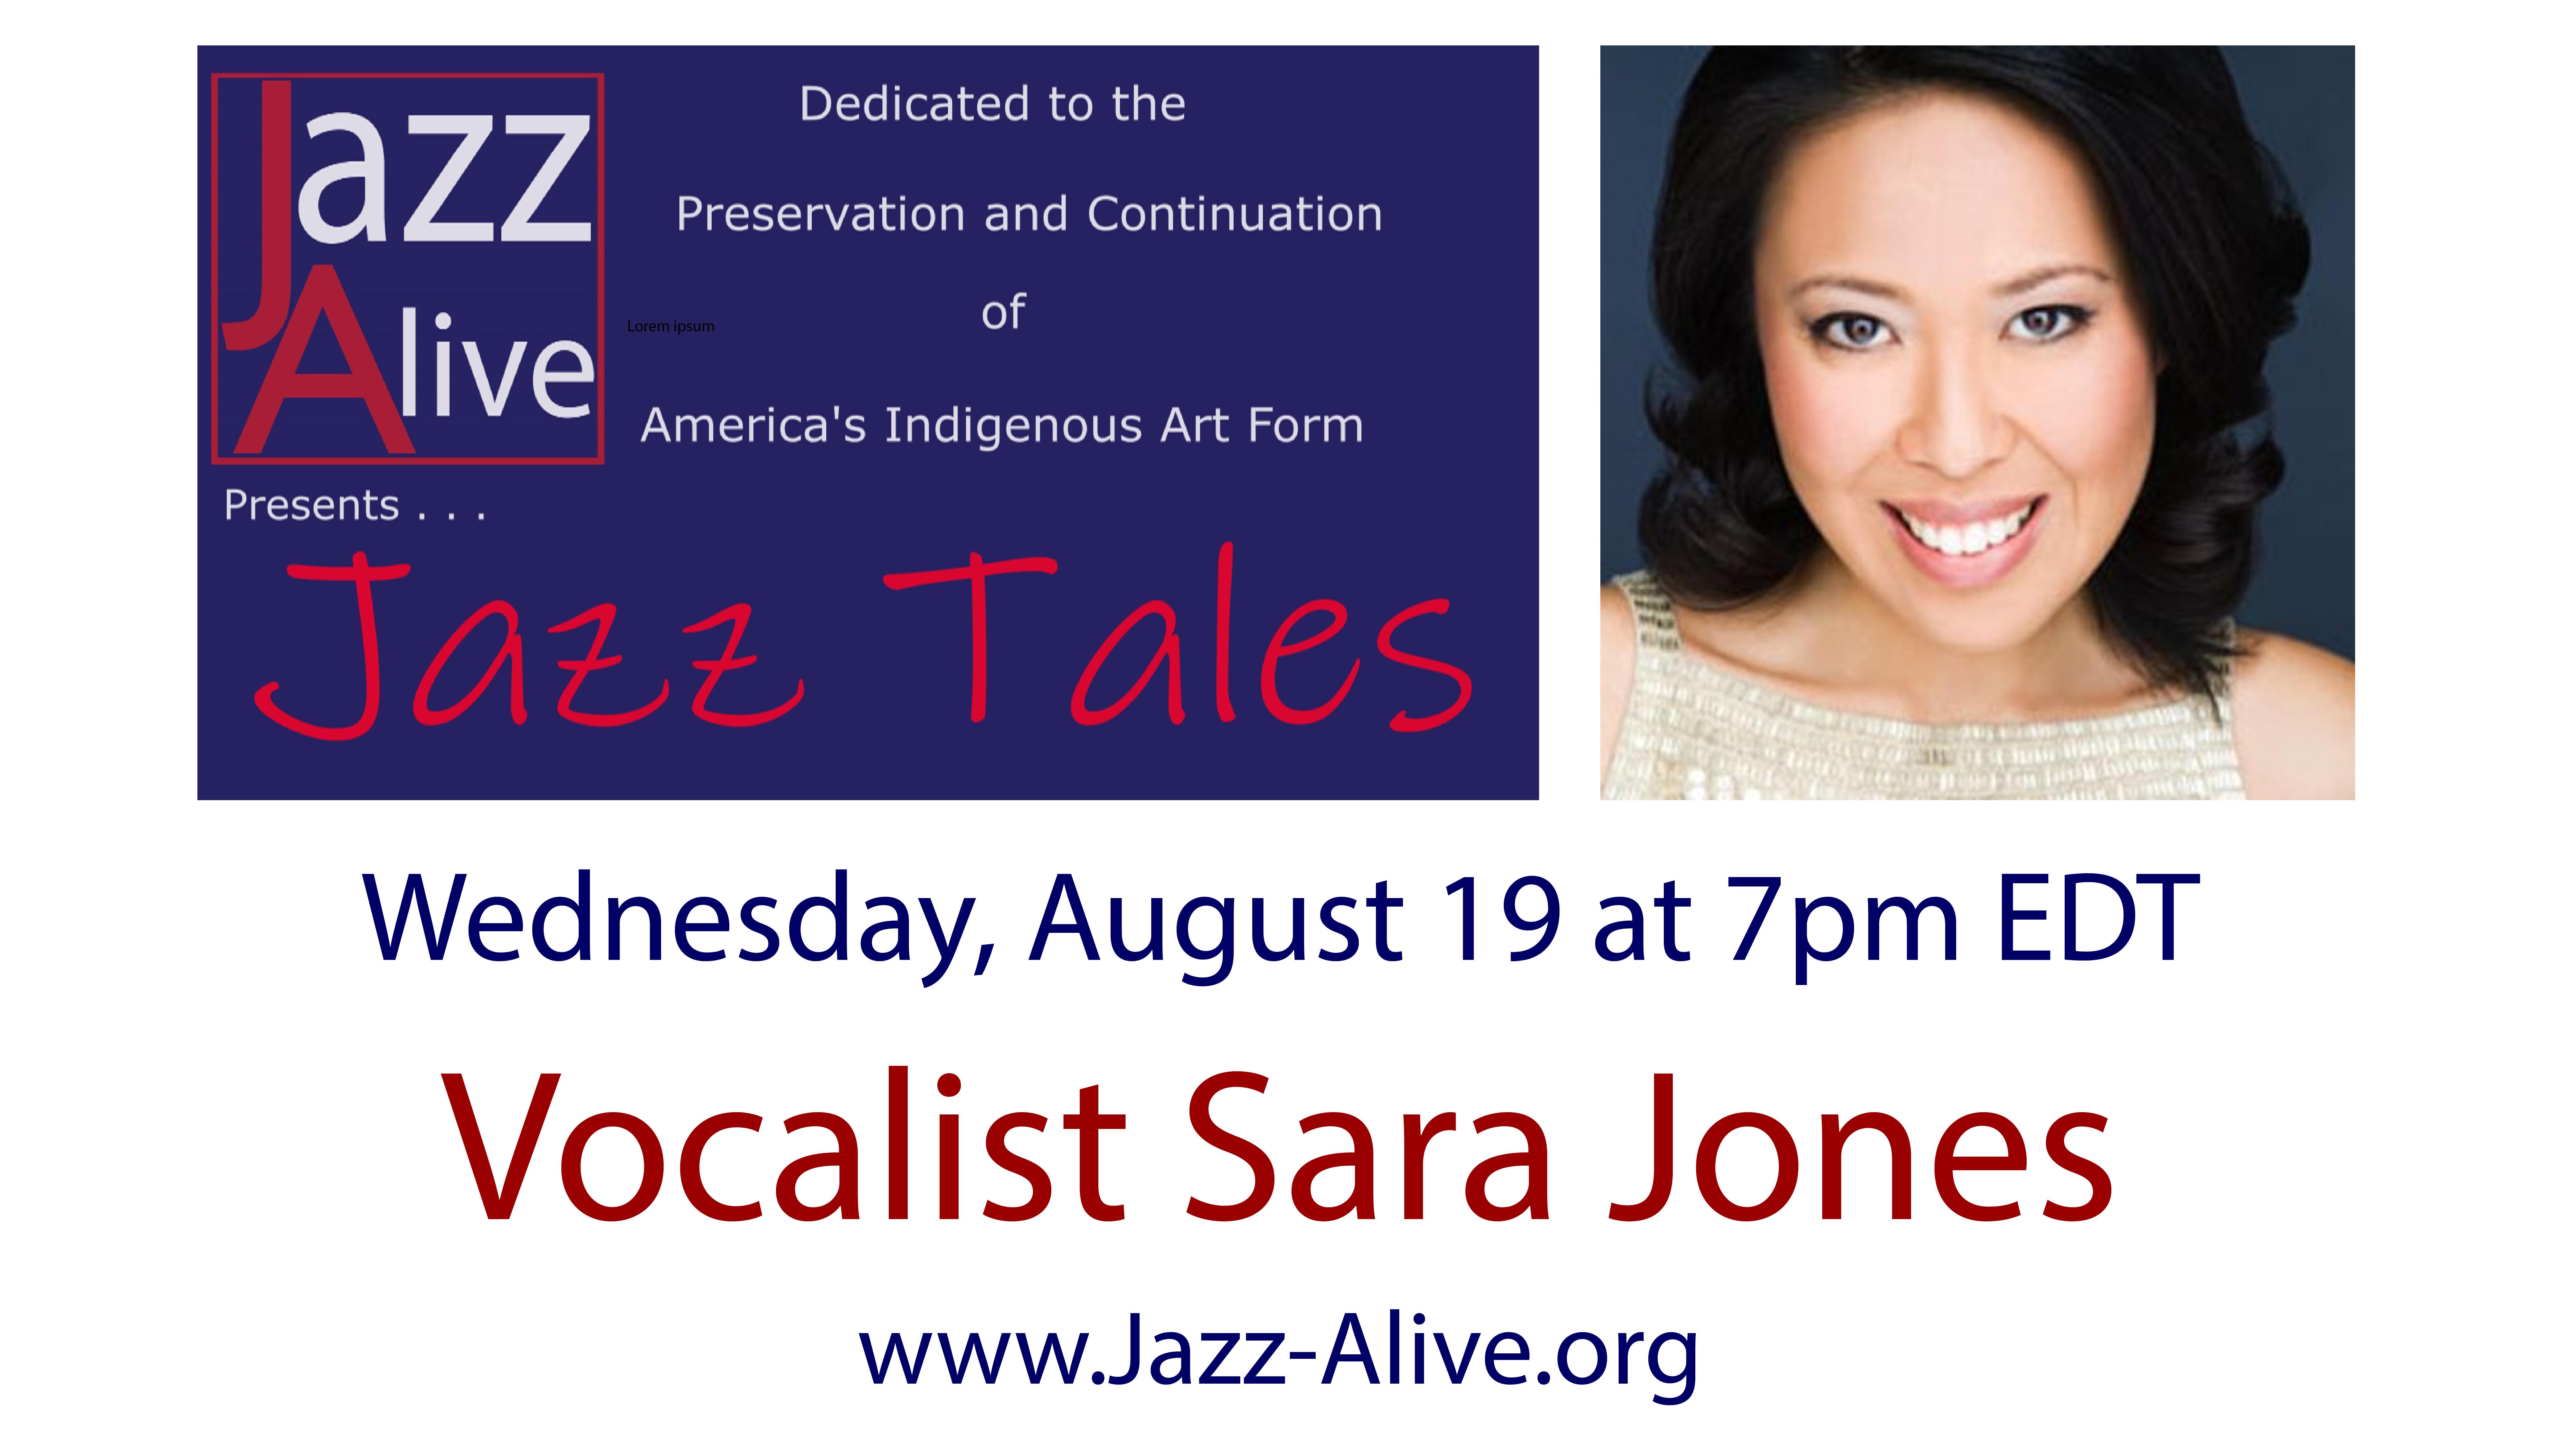 Jazz Tales With Vocalist Sara Jones